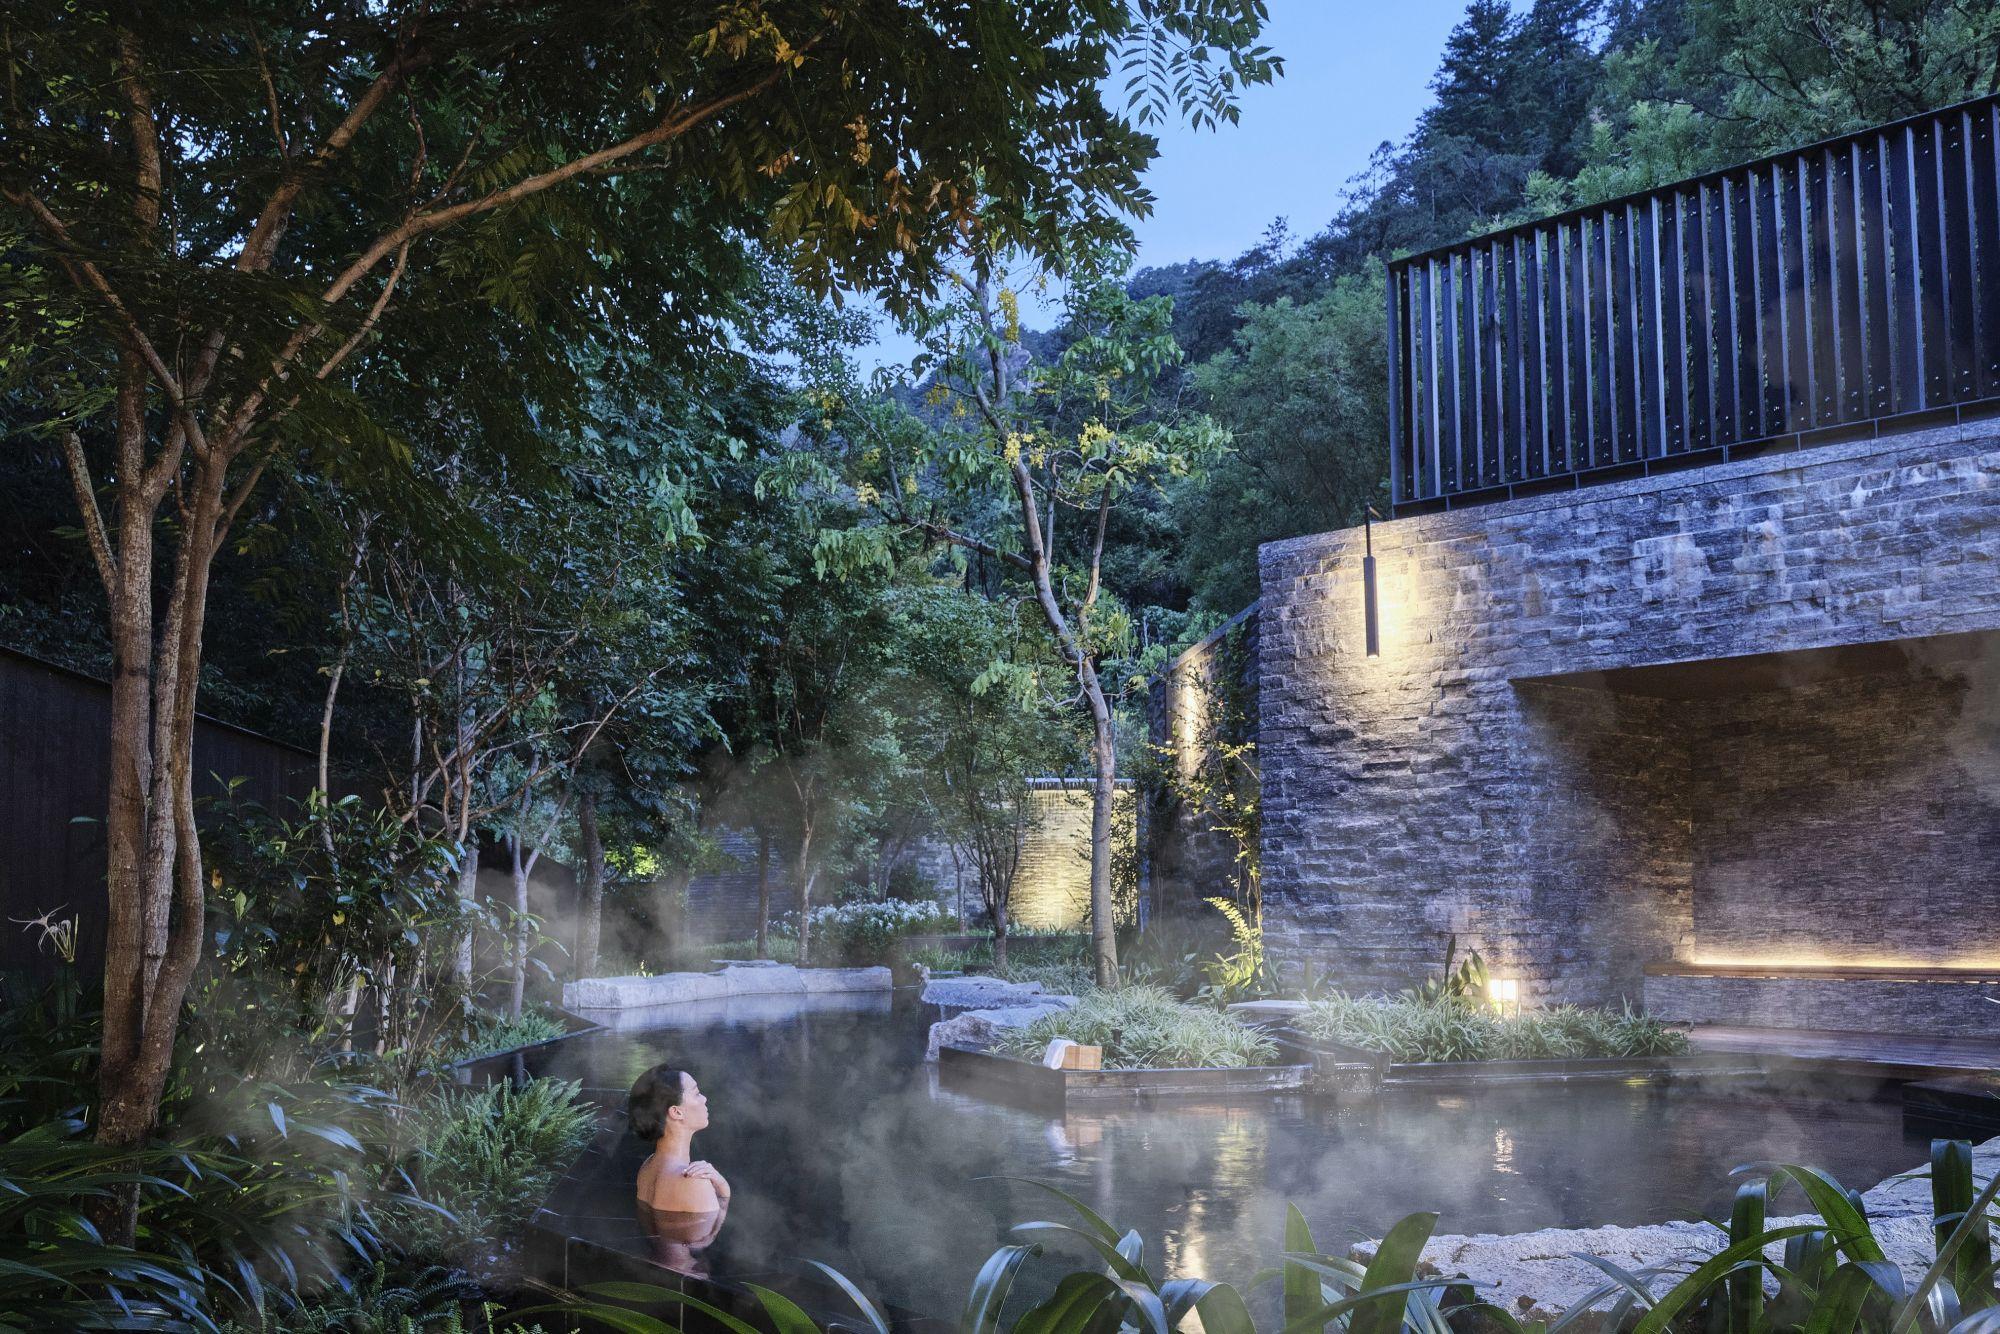 頂級旅宿與在地文化的極致體驗,虹夕諾雅 谷關發掘在地文化特色 讓渡假更豐富有趣